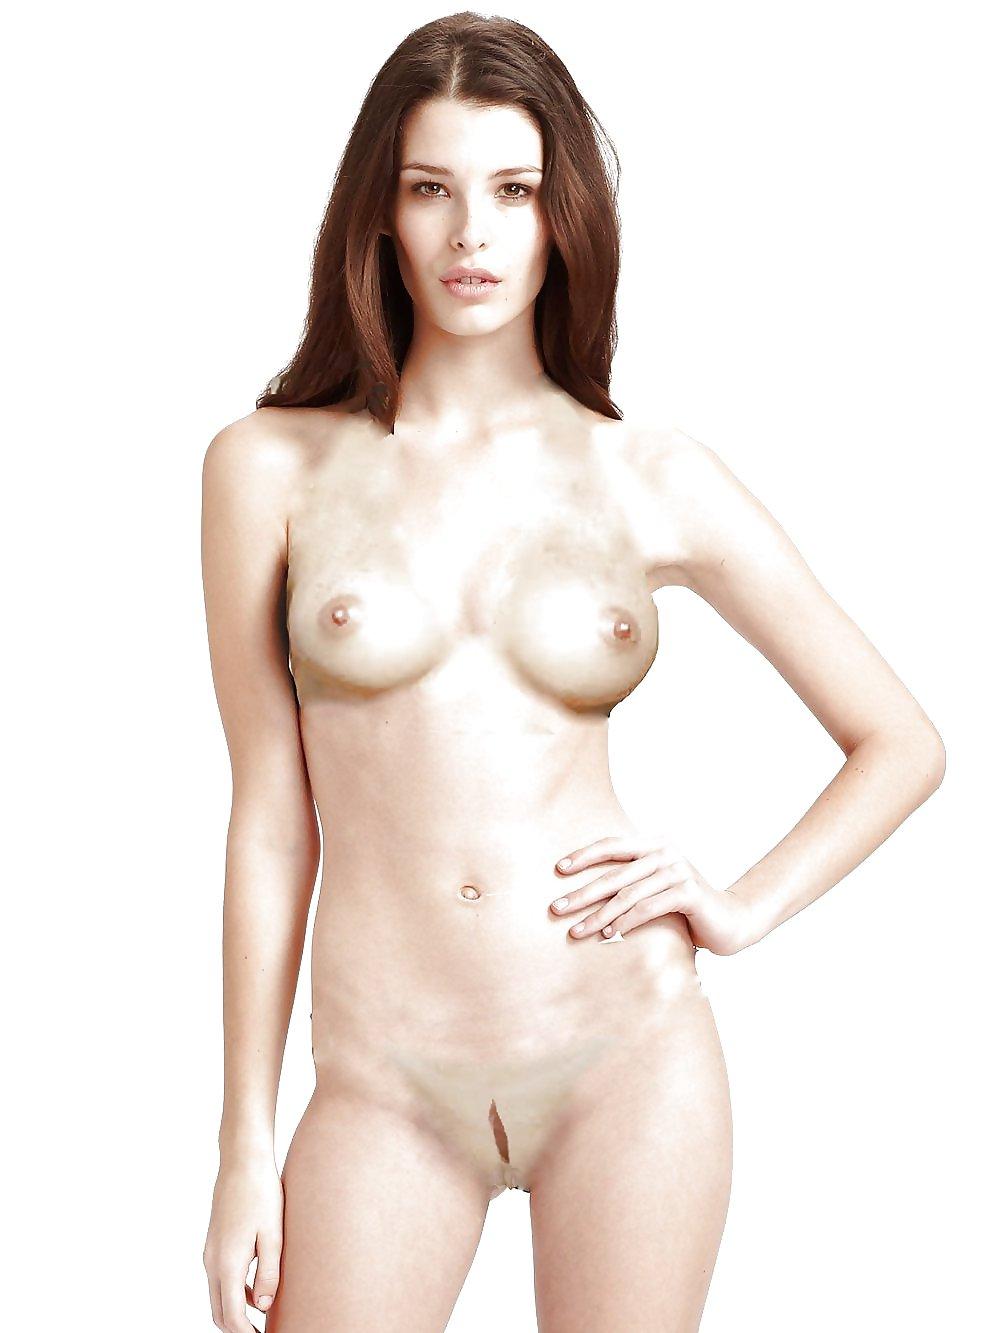 Porno Carly Foulkes naked (38 photos), Topless, Bikini, Feet, butt 2015